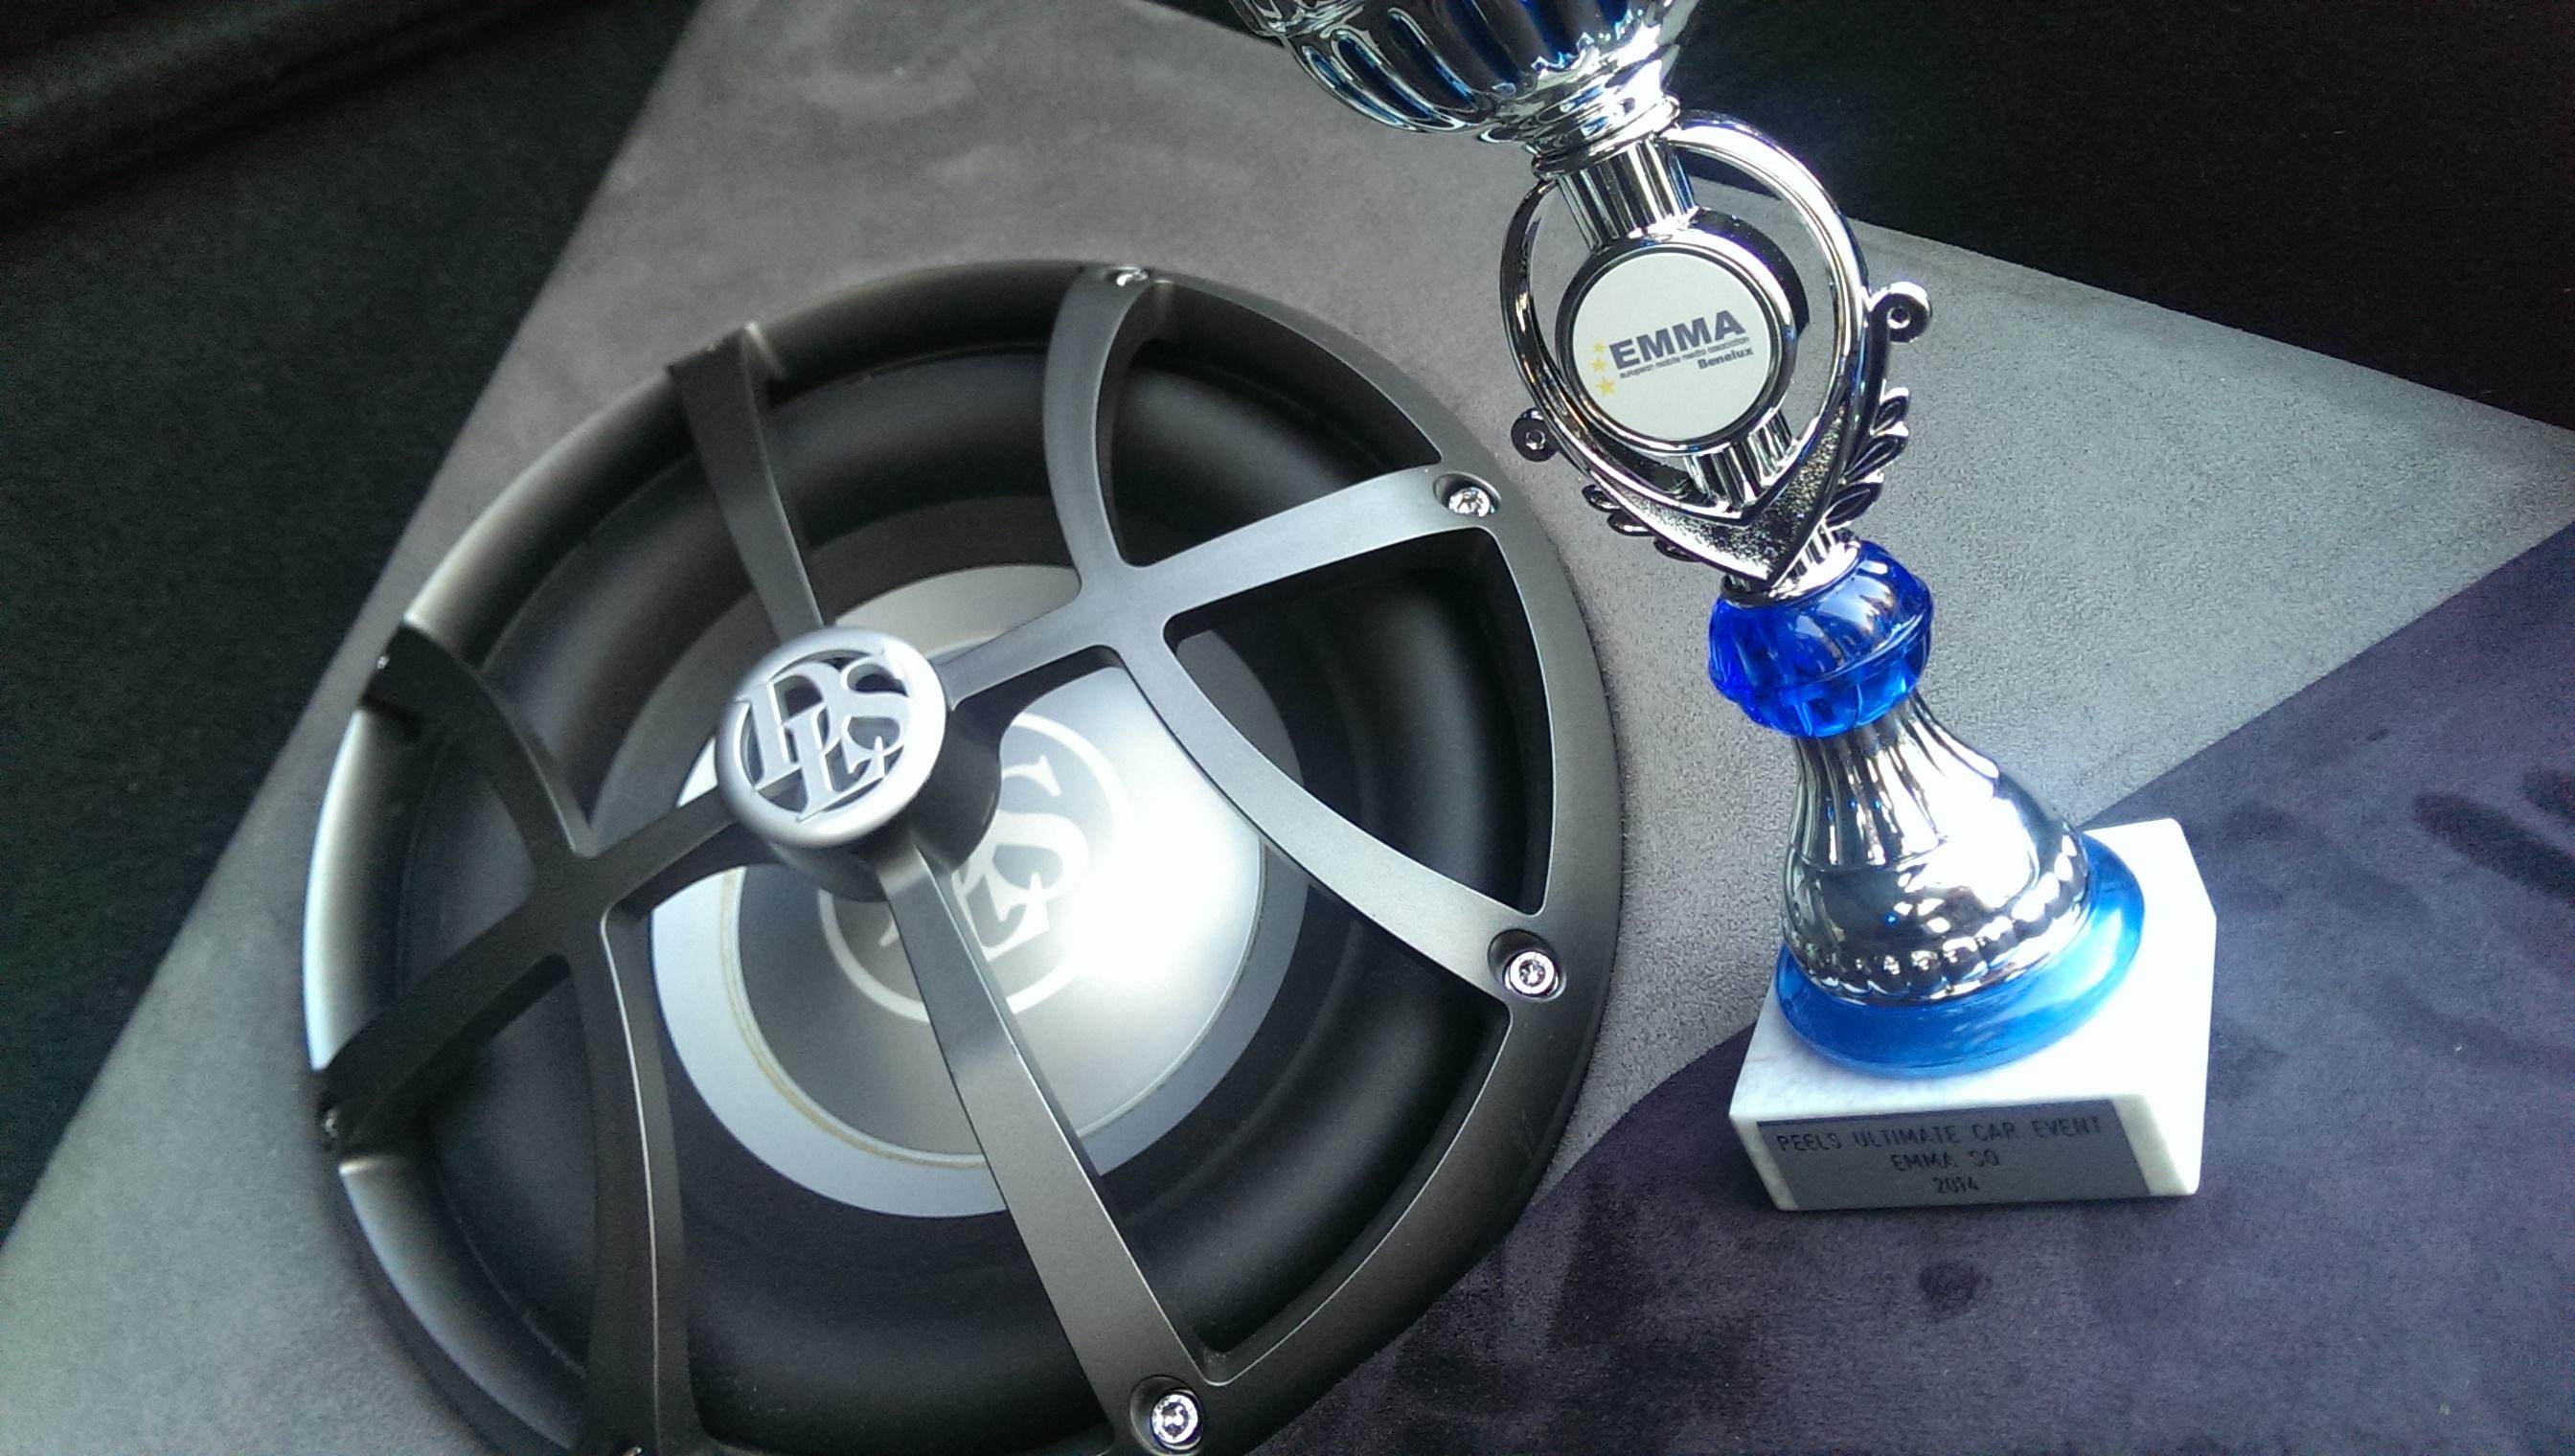 Peugeot 106 Onze Demo En Emma Competitie Auto Sound Motion